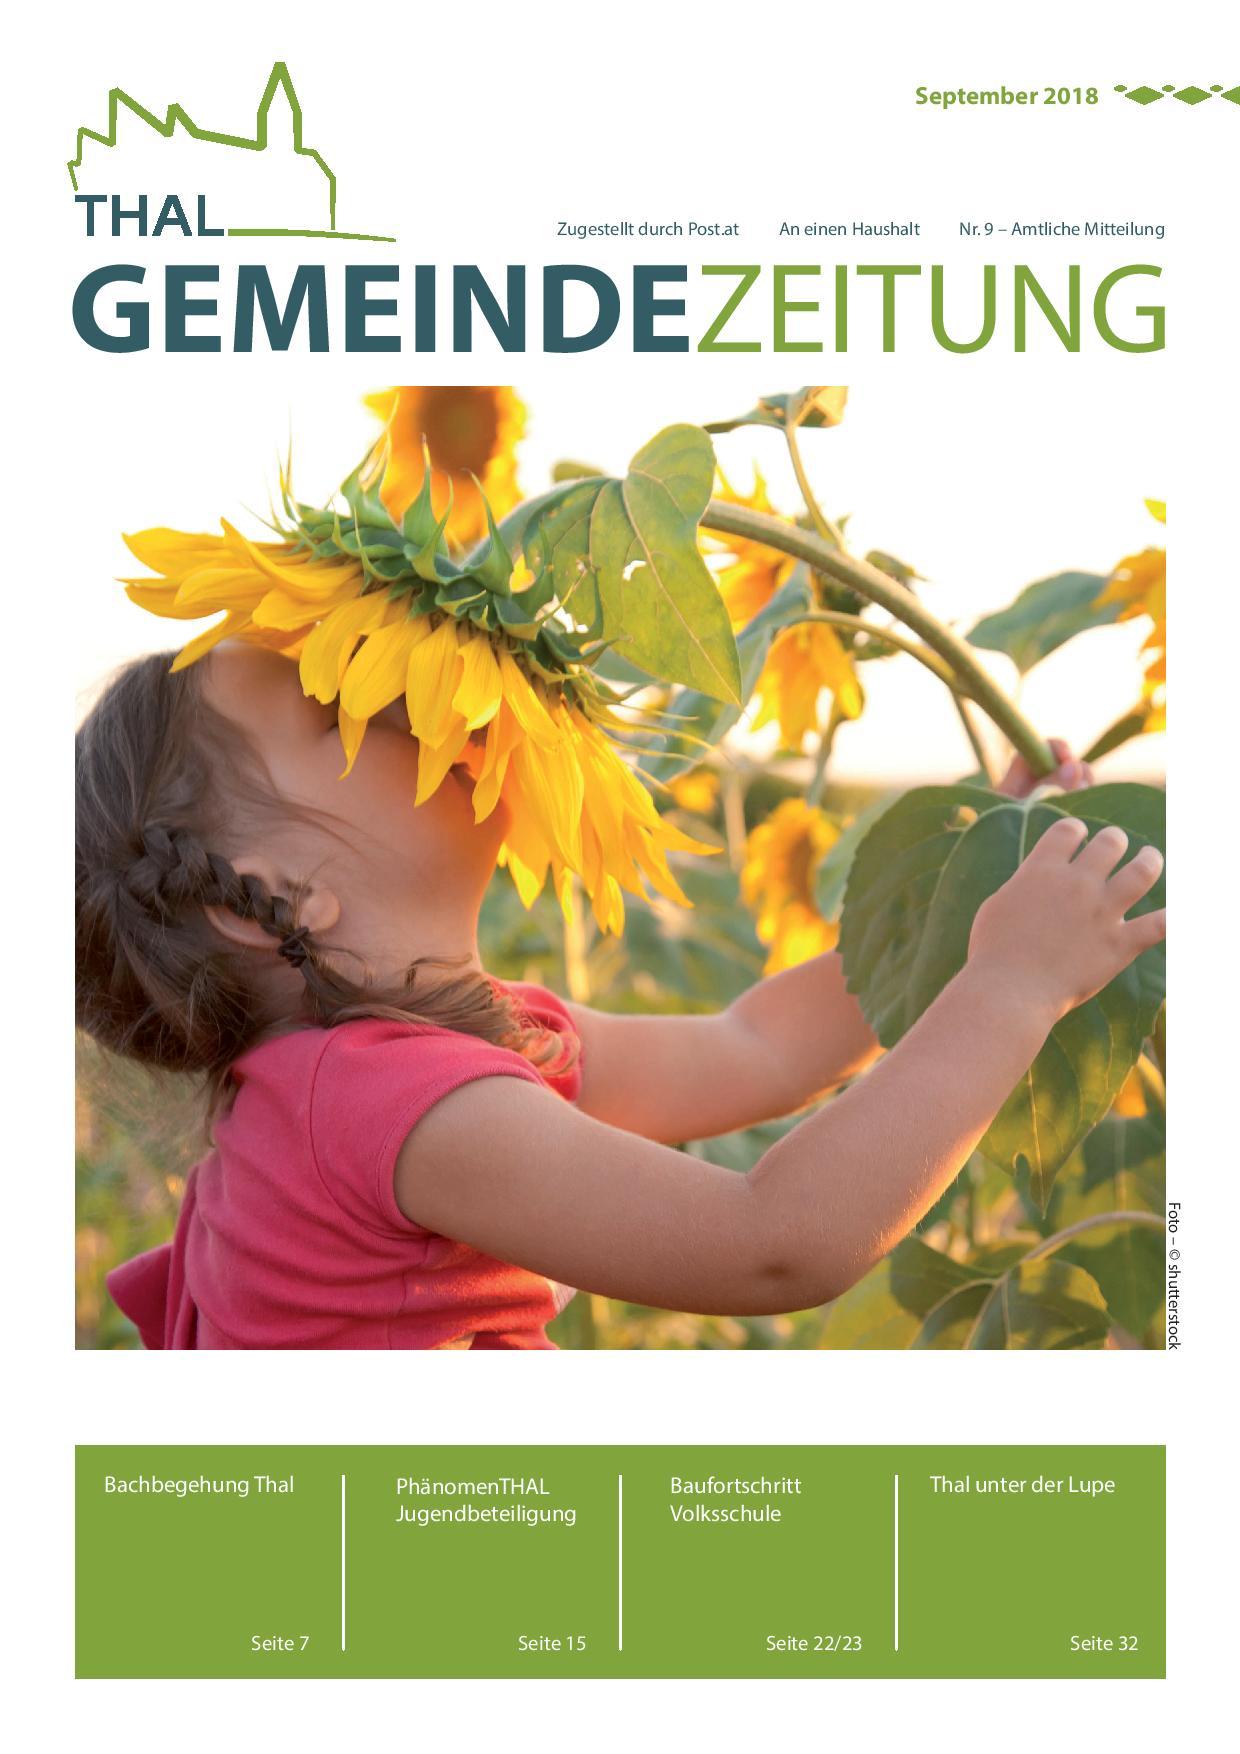 Gemeindezeitung Nr. 9 - September 2018-page-001